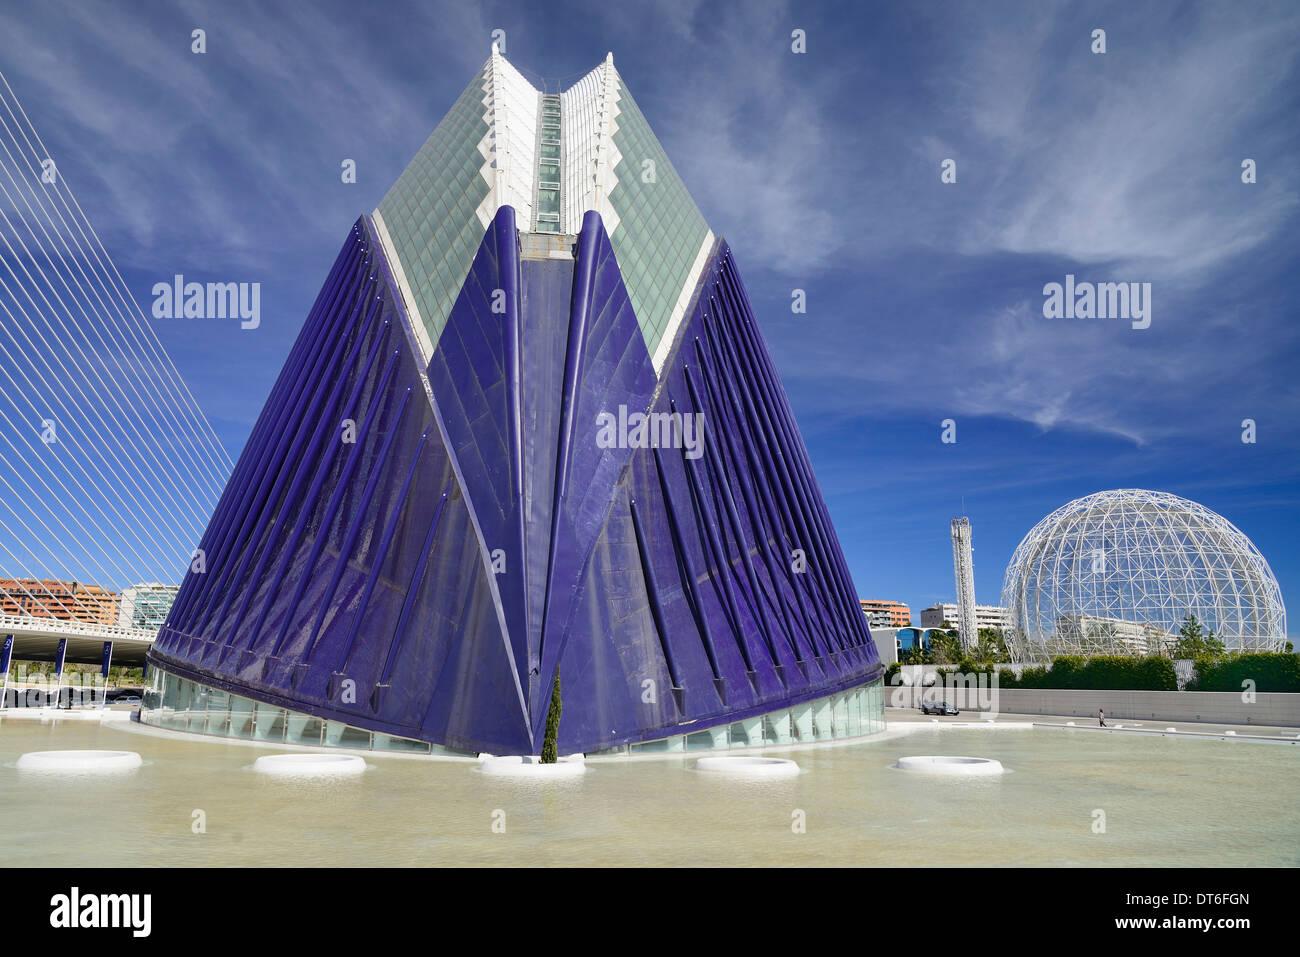 Spanien, Provinz Valencia, Valencia, La Ciudad de las Artes y las Ciencias, die Stadt der Künste und Wissenschaften, Stockbild